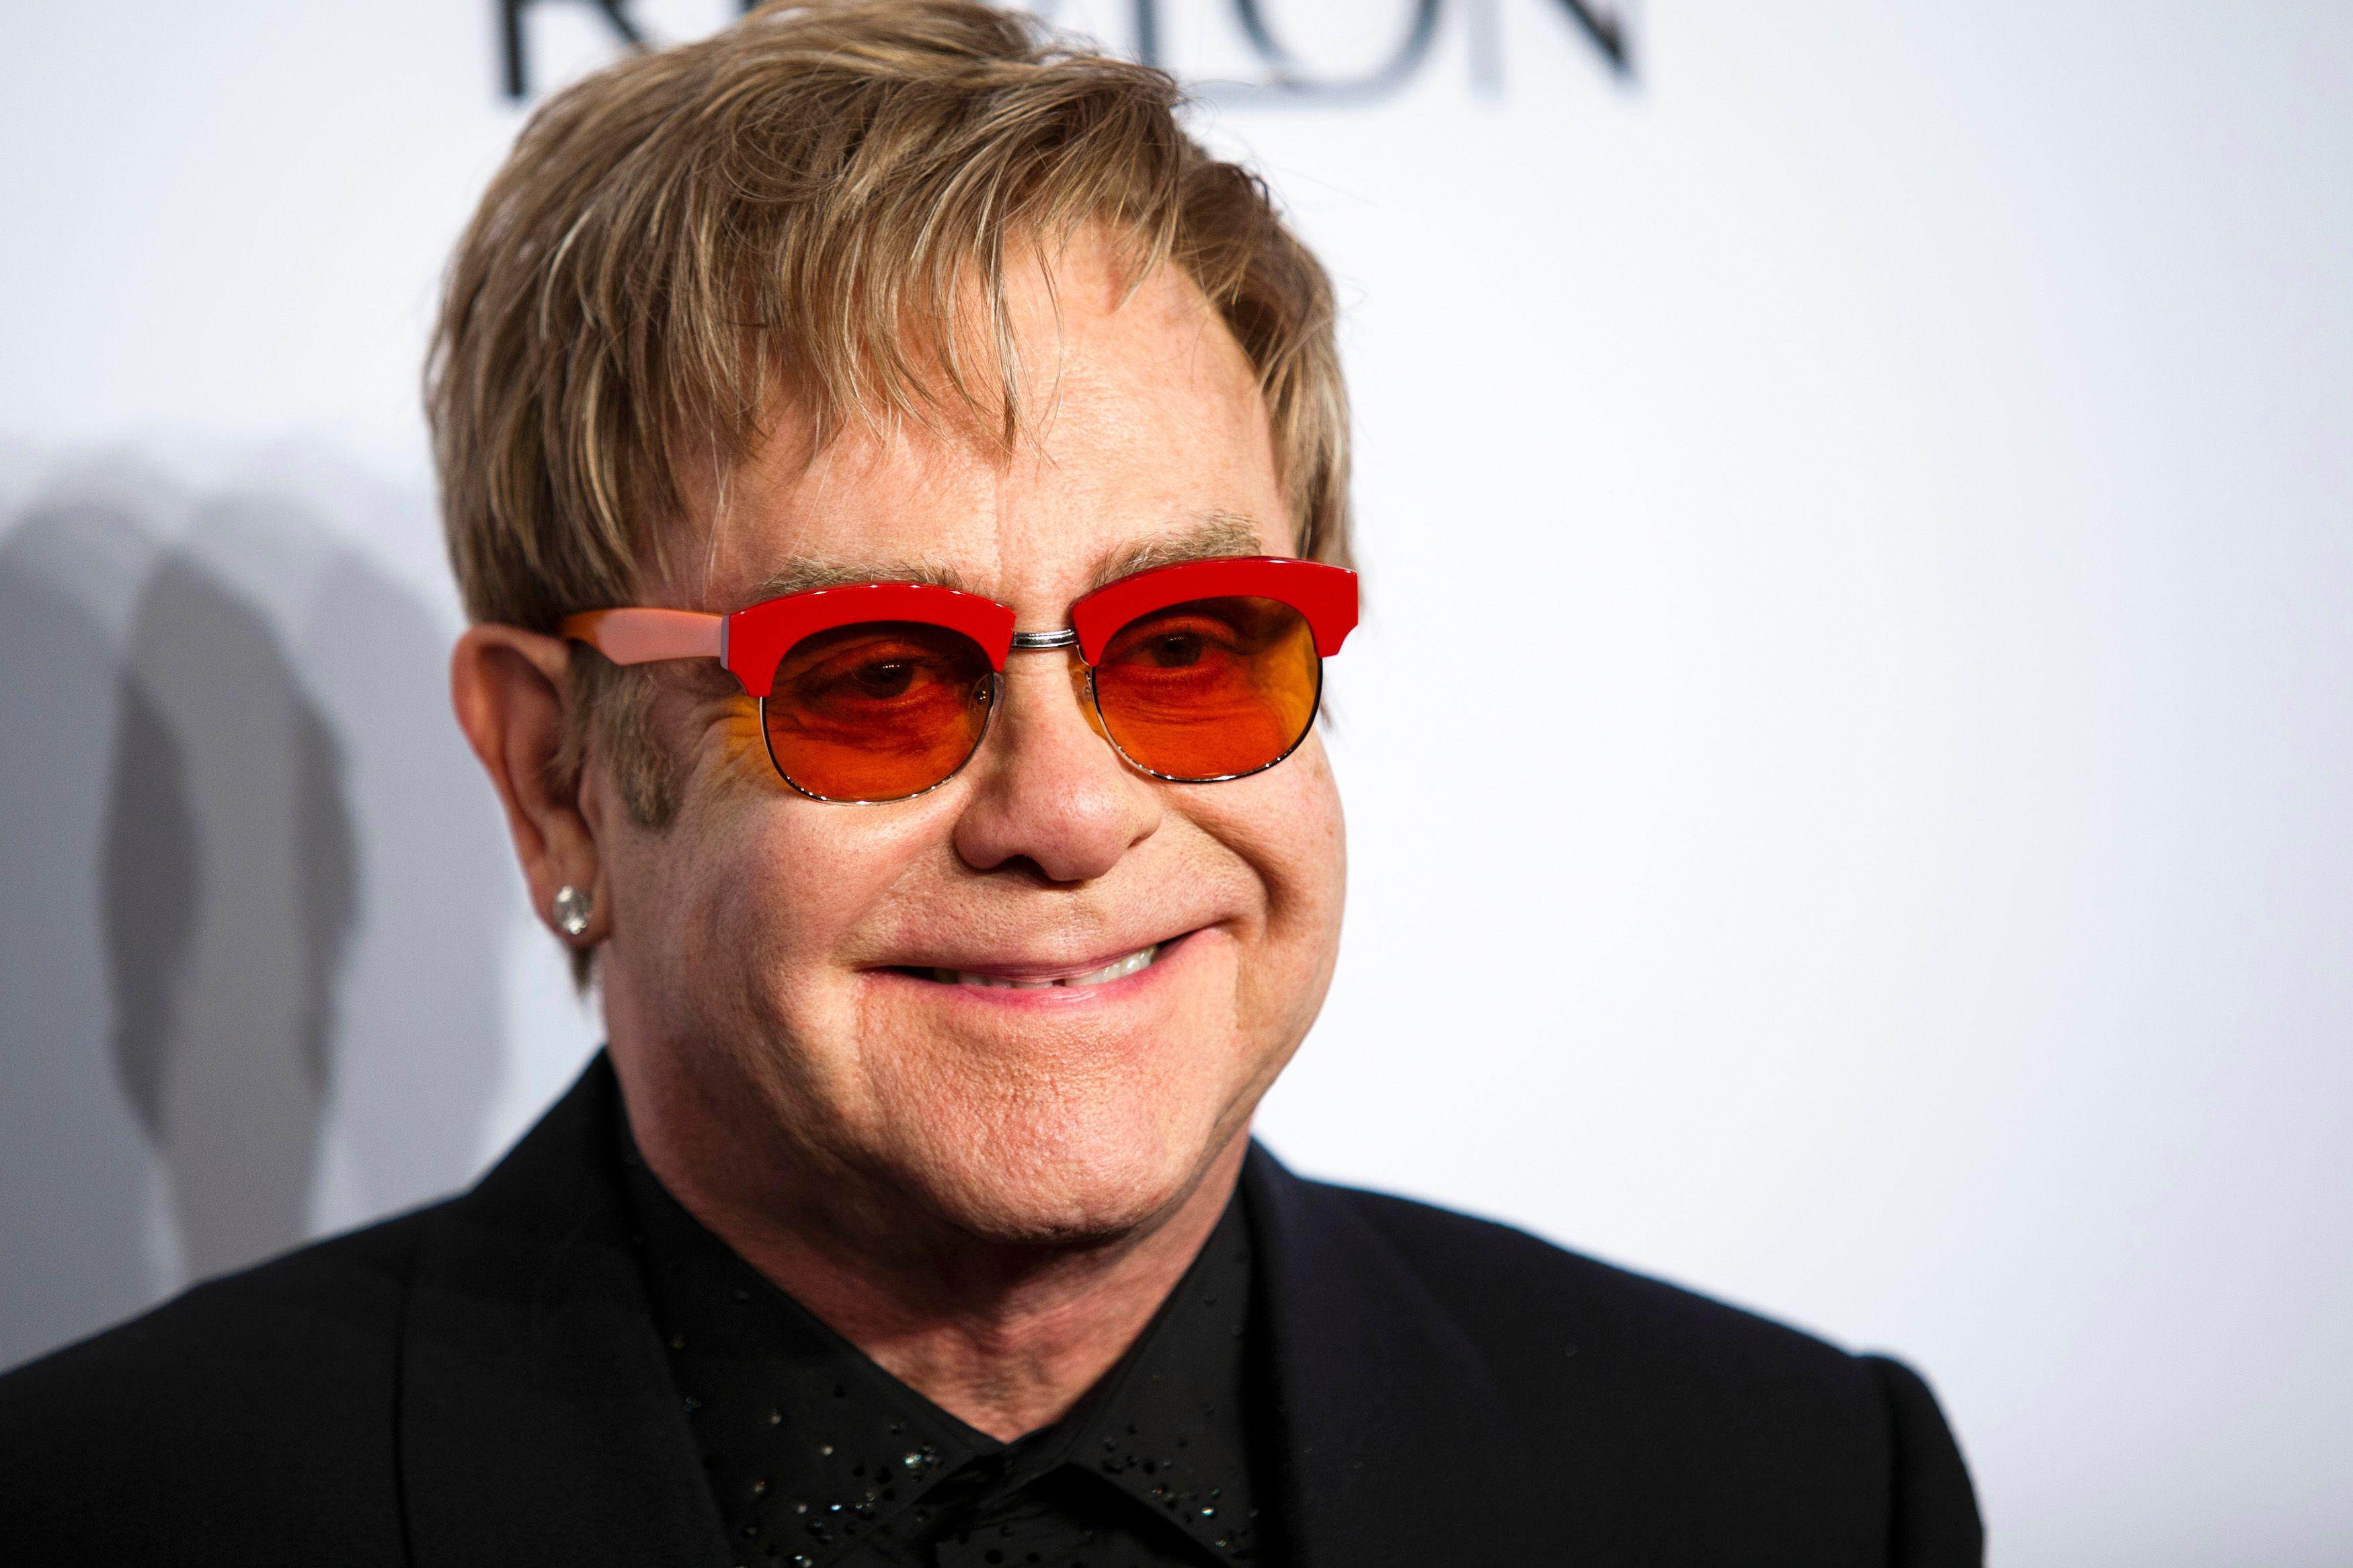 Accusé de harcèlement sexuel, Sir Elton John perd son procès pour garder l'affaire secrète